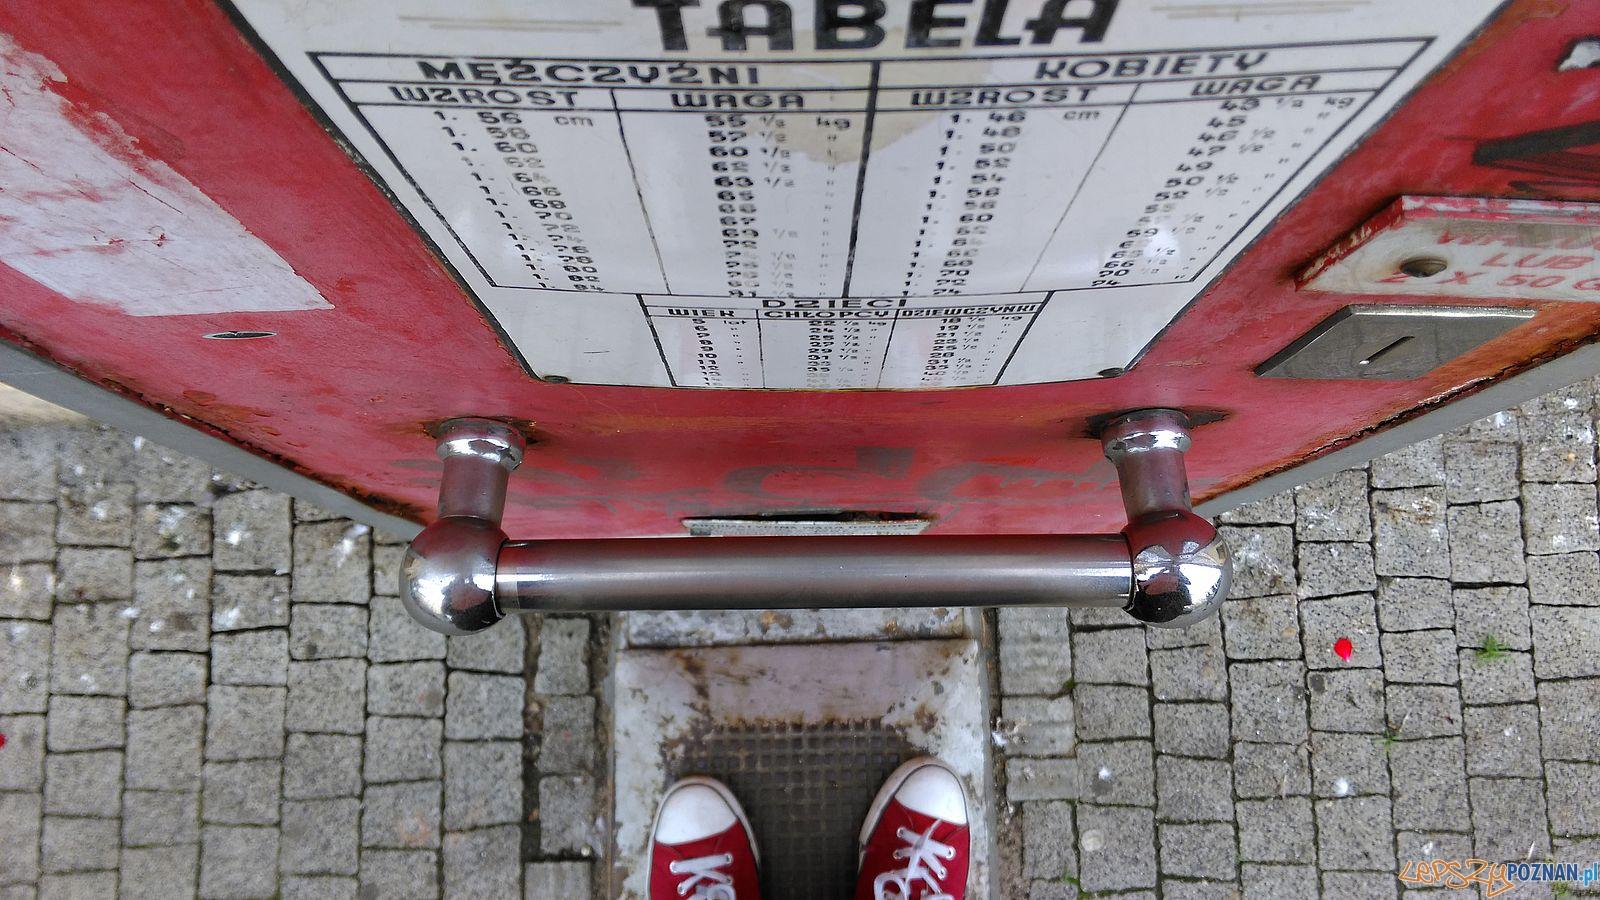 Czerwona waga z Al. Marcinkowskiego  (7)  Foto: Tomasz Dworek / ROSM